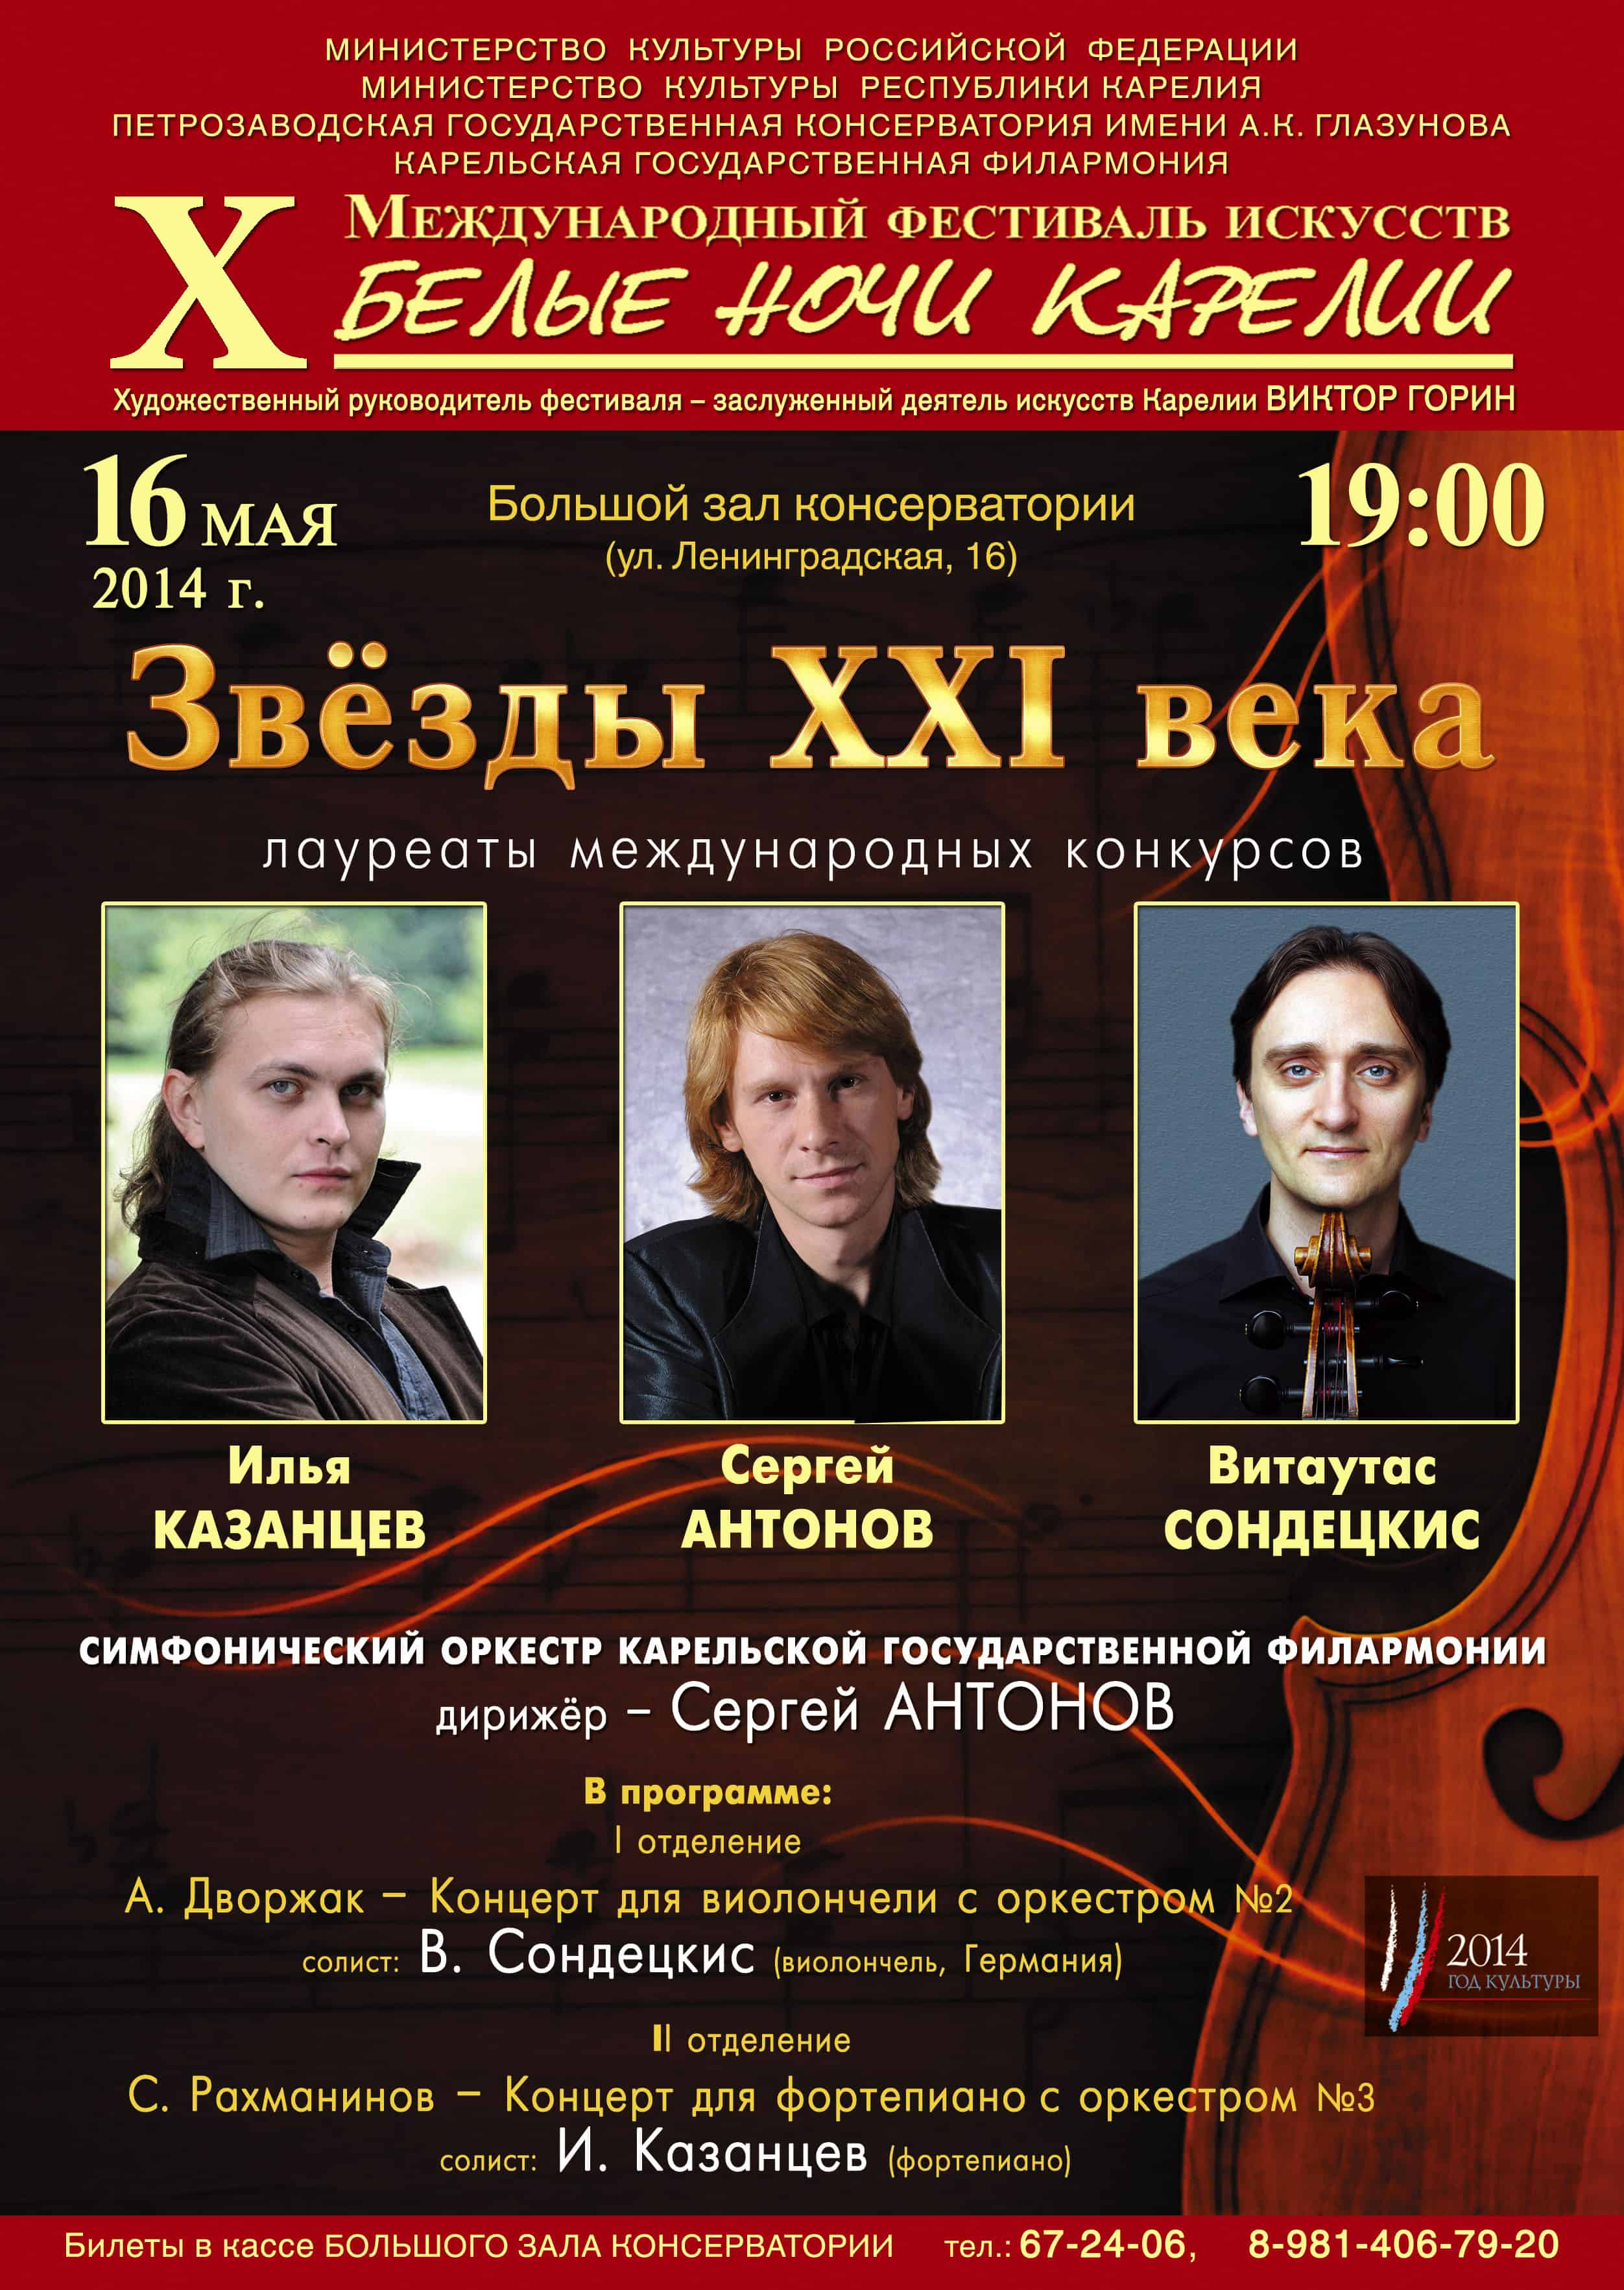 Петрозаводский дебют победителя конкурса Чайковского Сергея Антонова